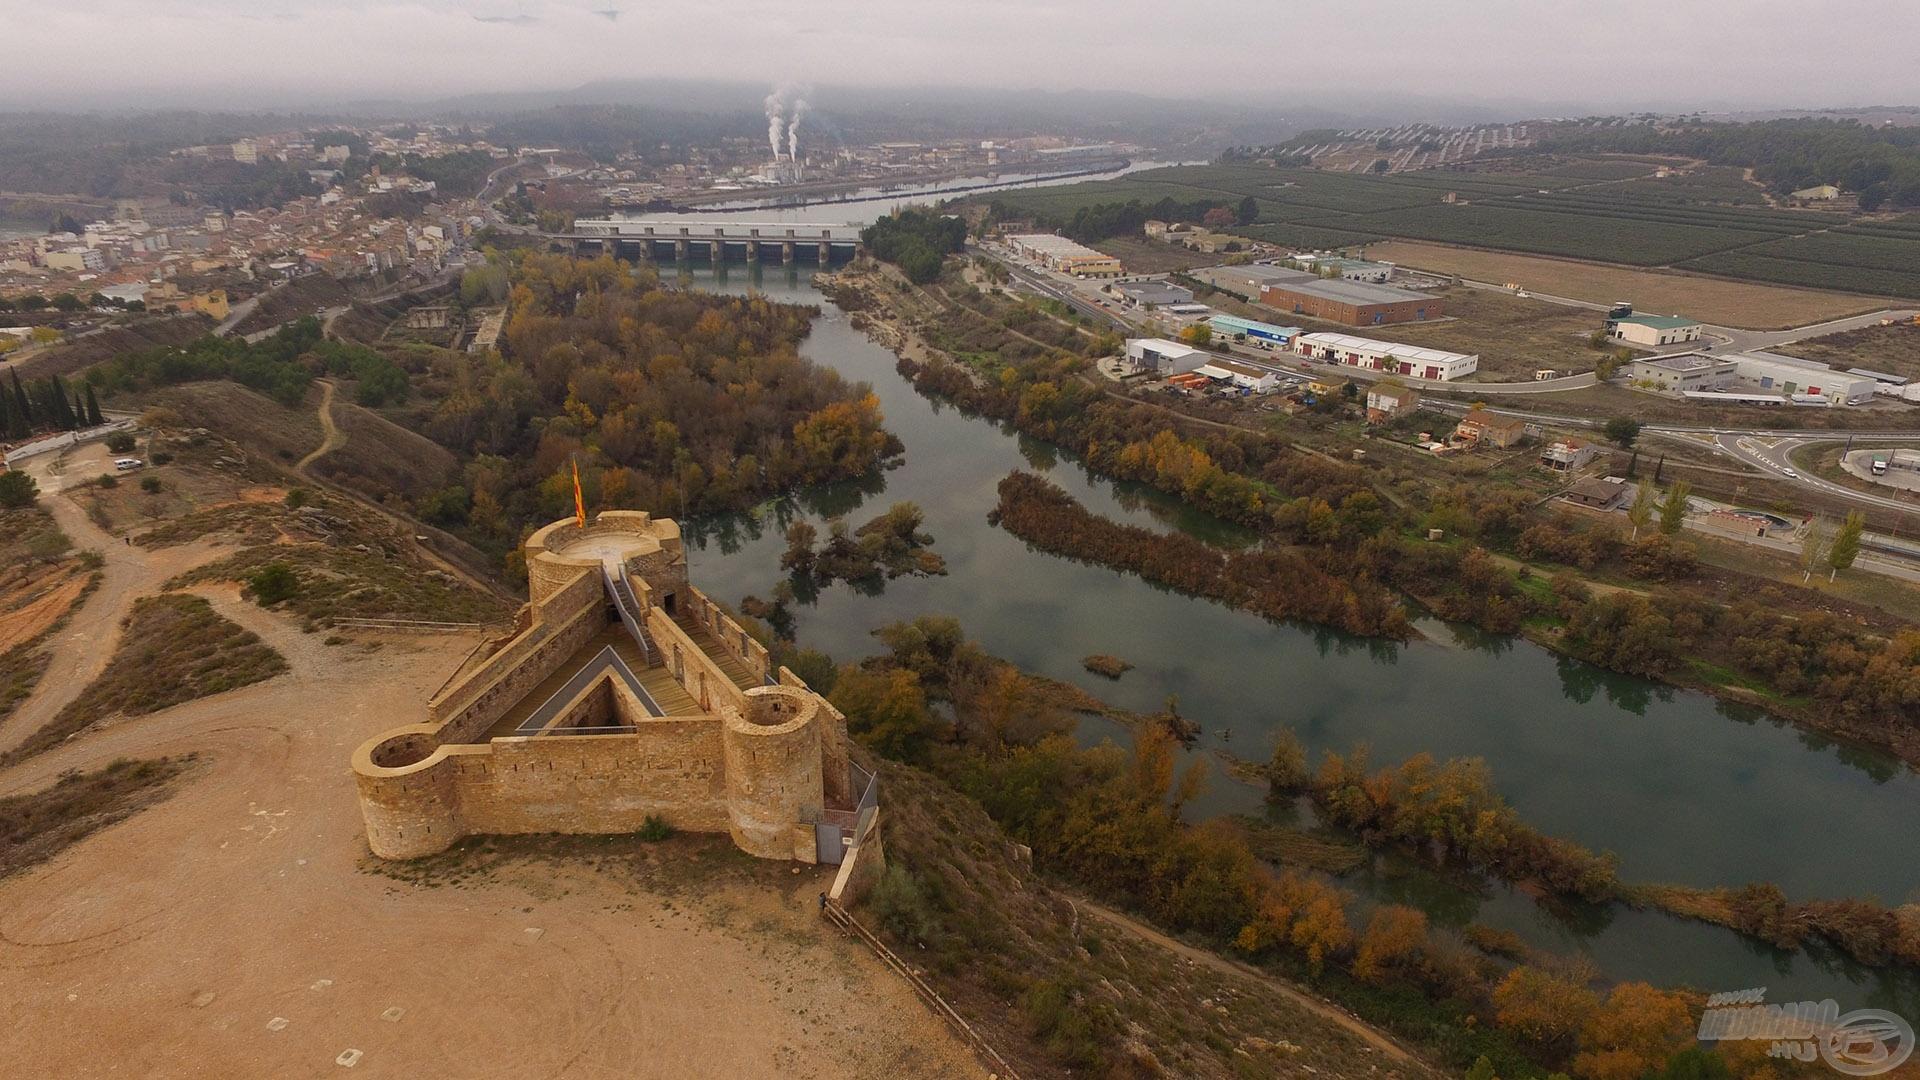 Előtérben egy katalán erődítmény, háttérben a kisváros Flix